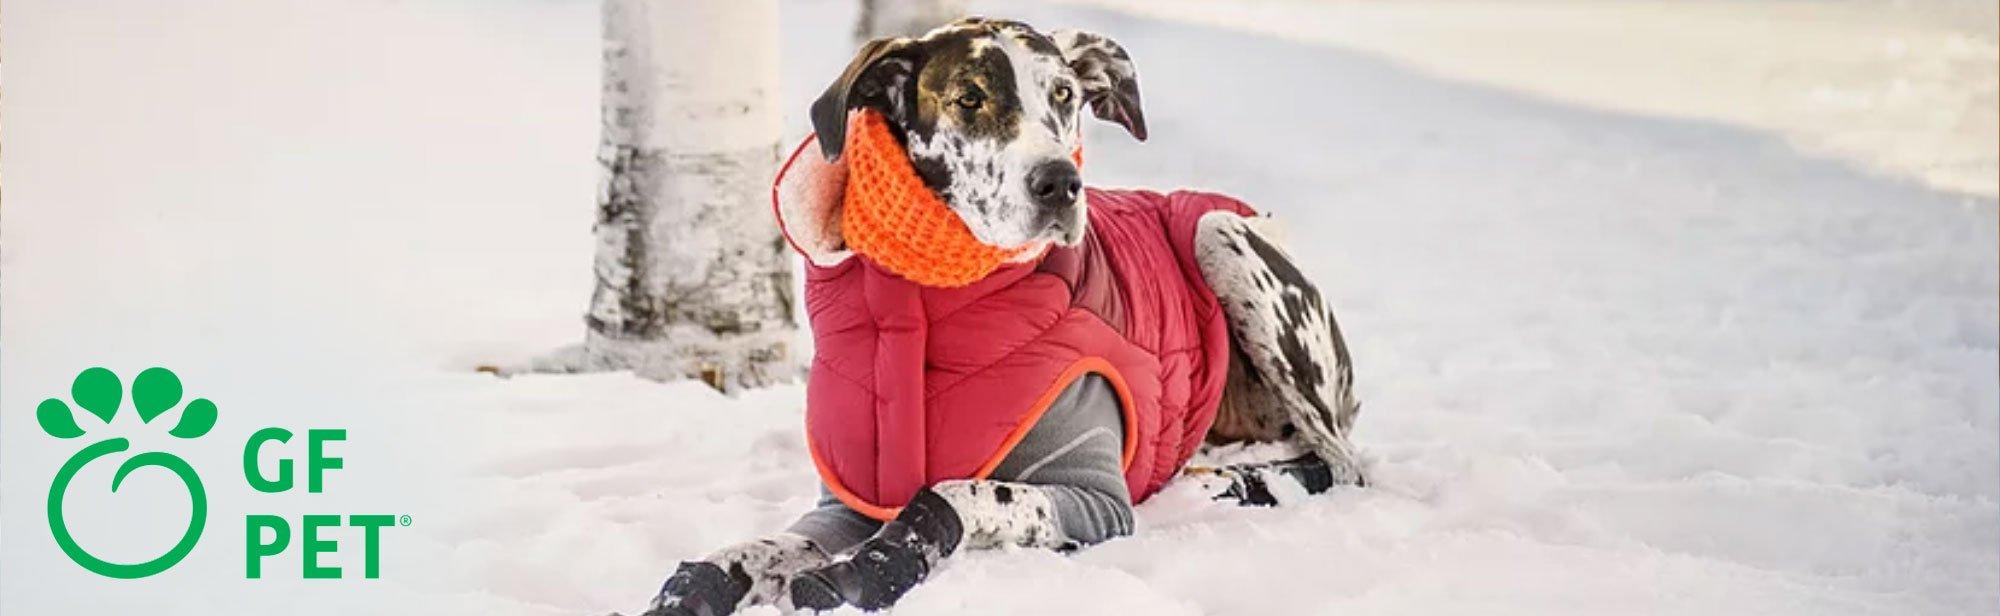 GF Pet Hundebekleidung, Bild 8